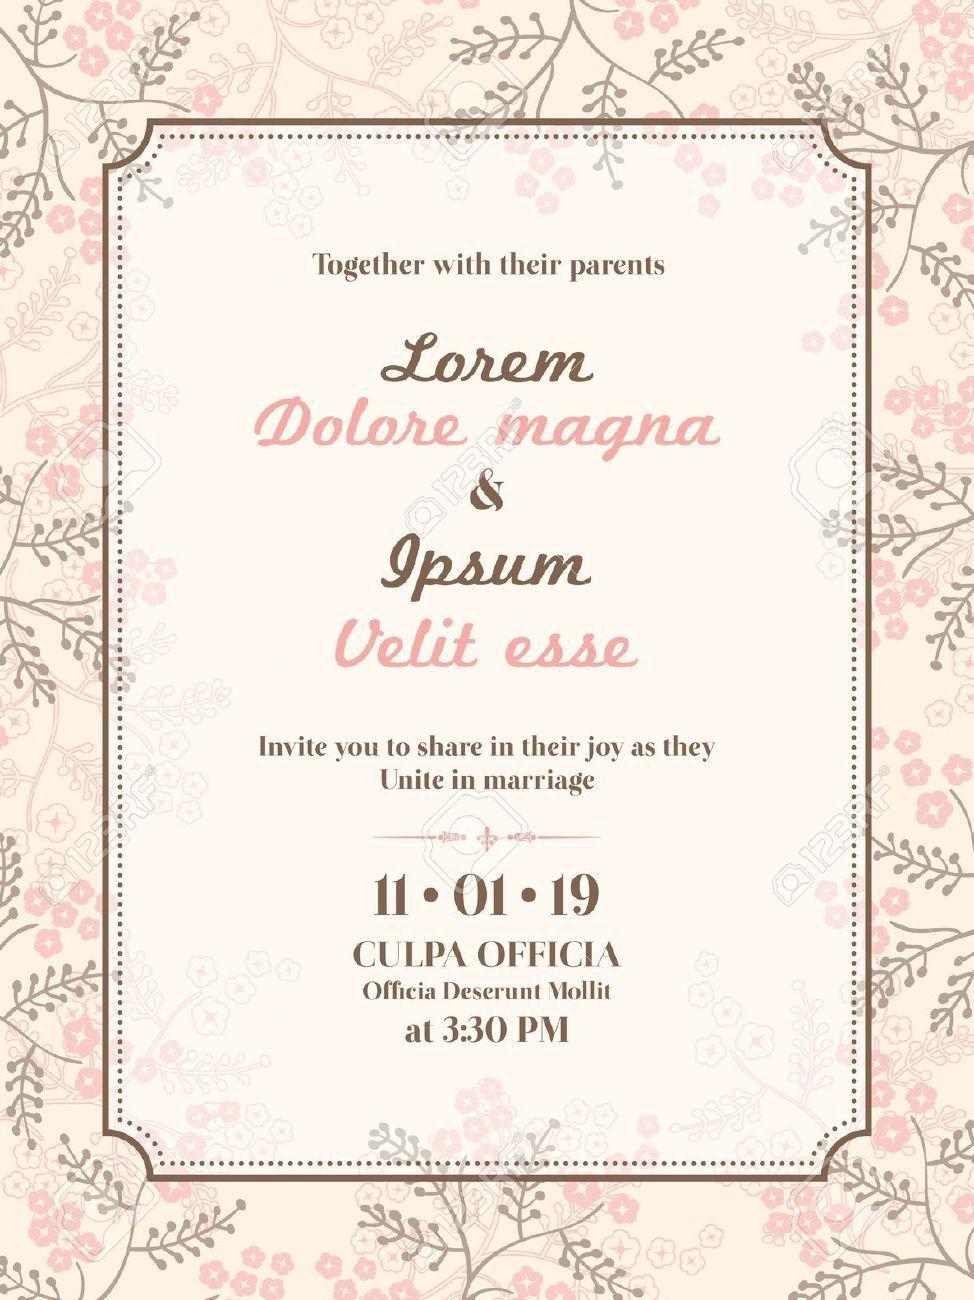 000 Top Sample Wedding Invitation Maker High Resolution Full